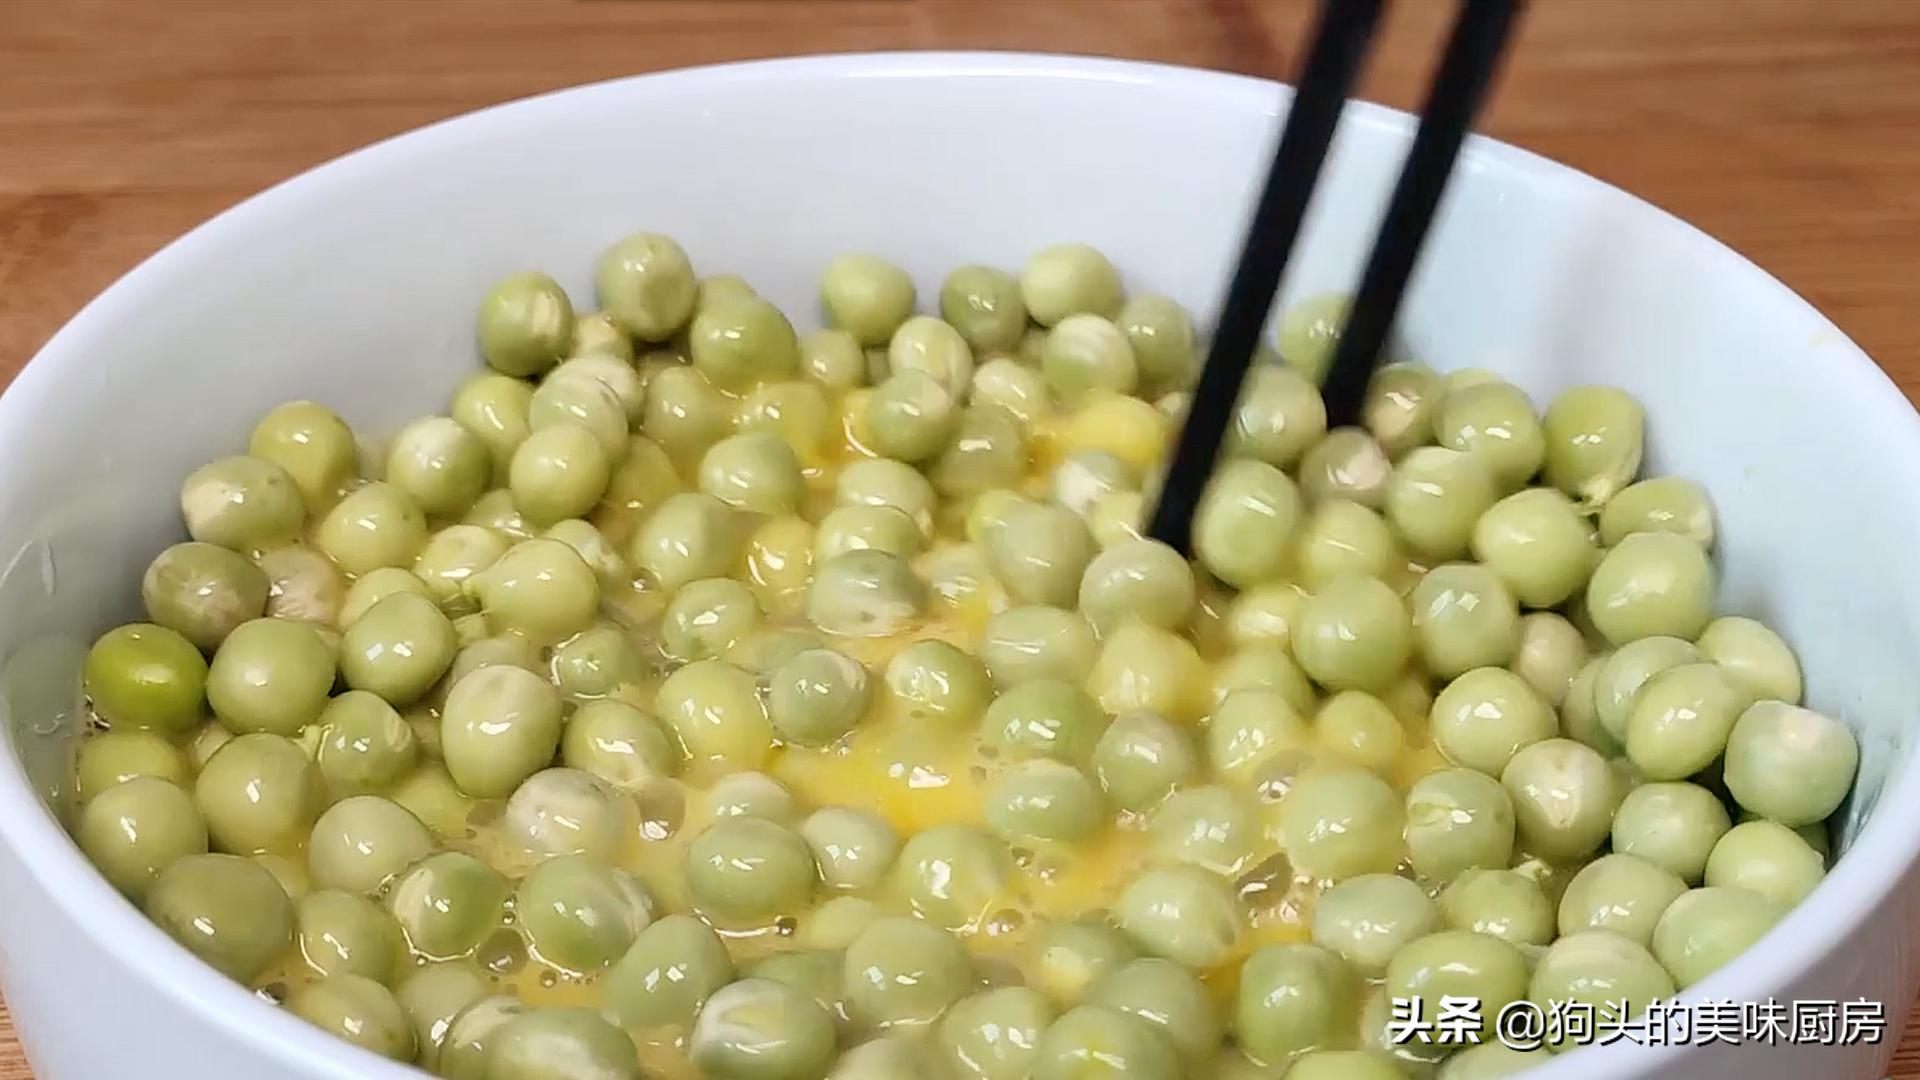 豌豆不要炒着吃了,加两个鸡蛋,比吃肉还香,上桌就抢光 美食做法 第6张